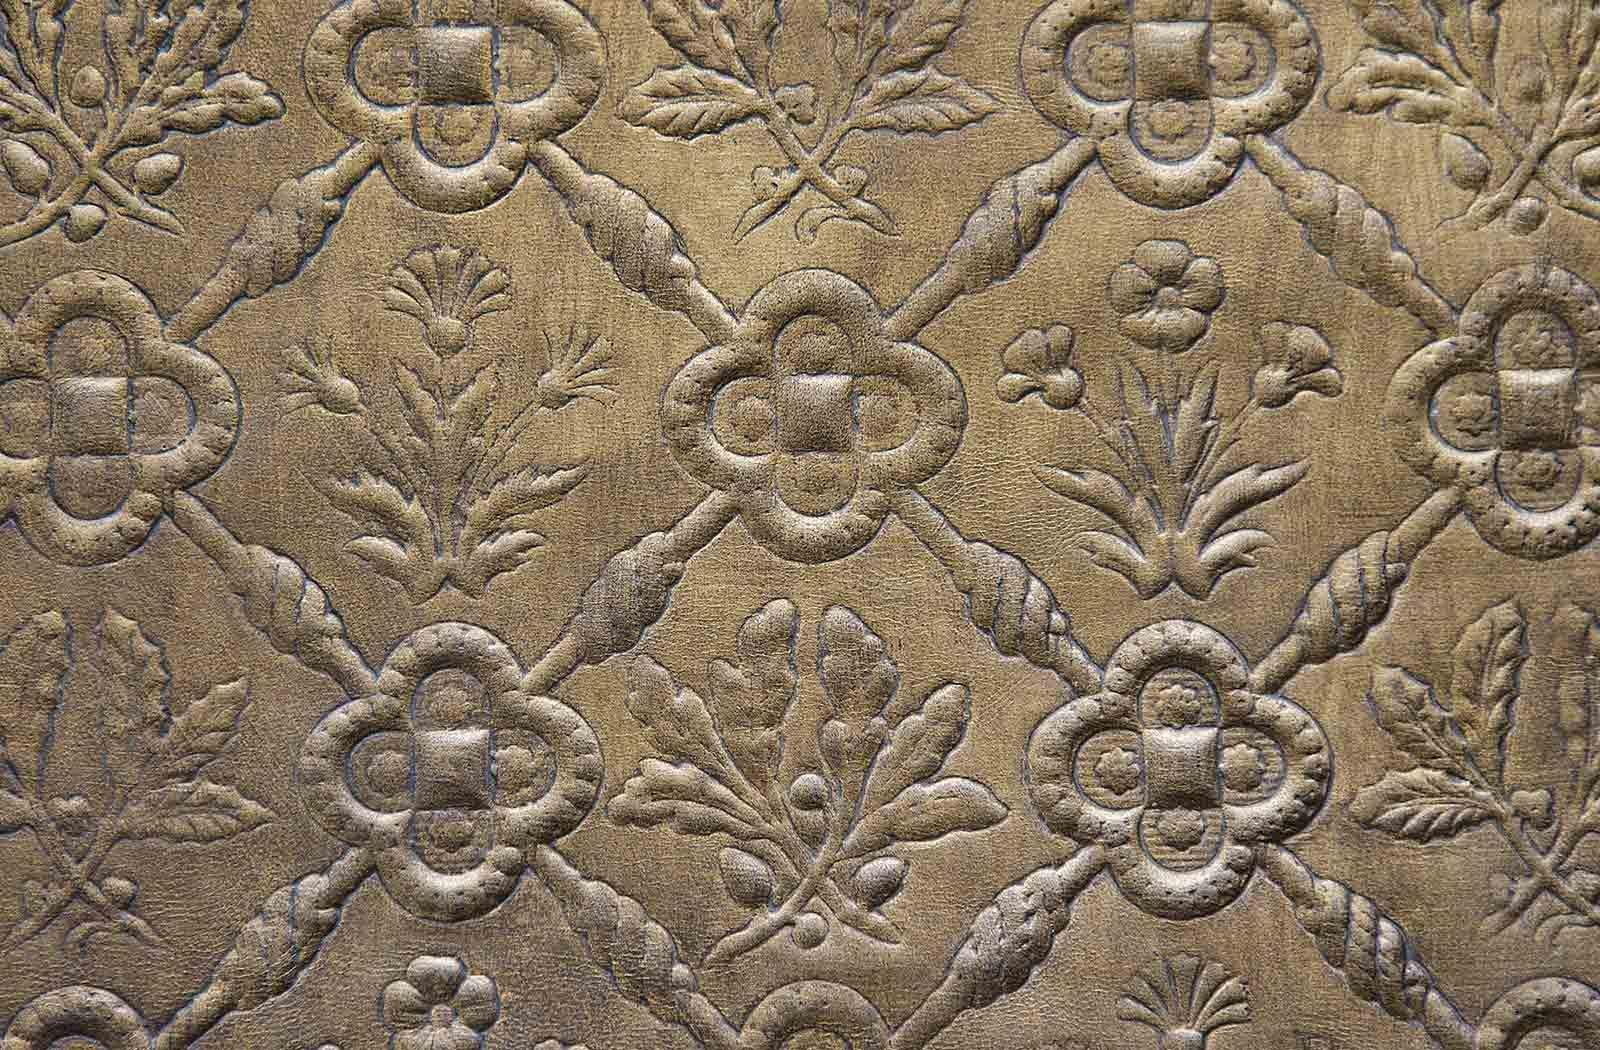 Motif classique estampé sur cuir par Meriguet Carrère